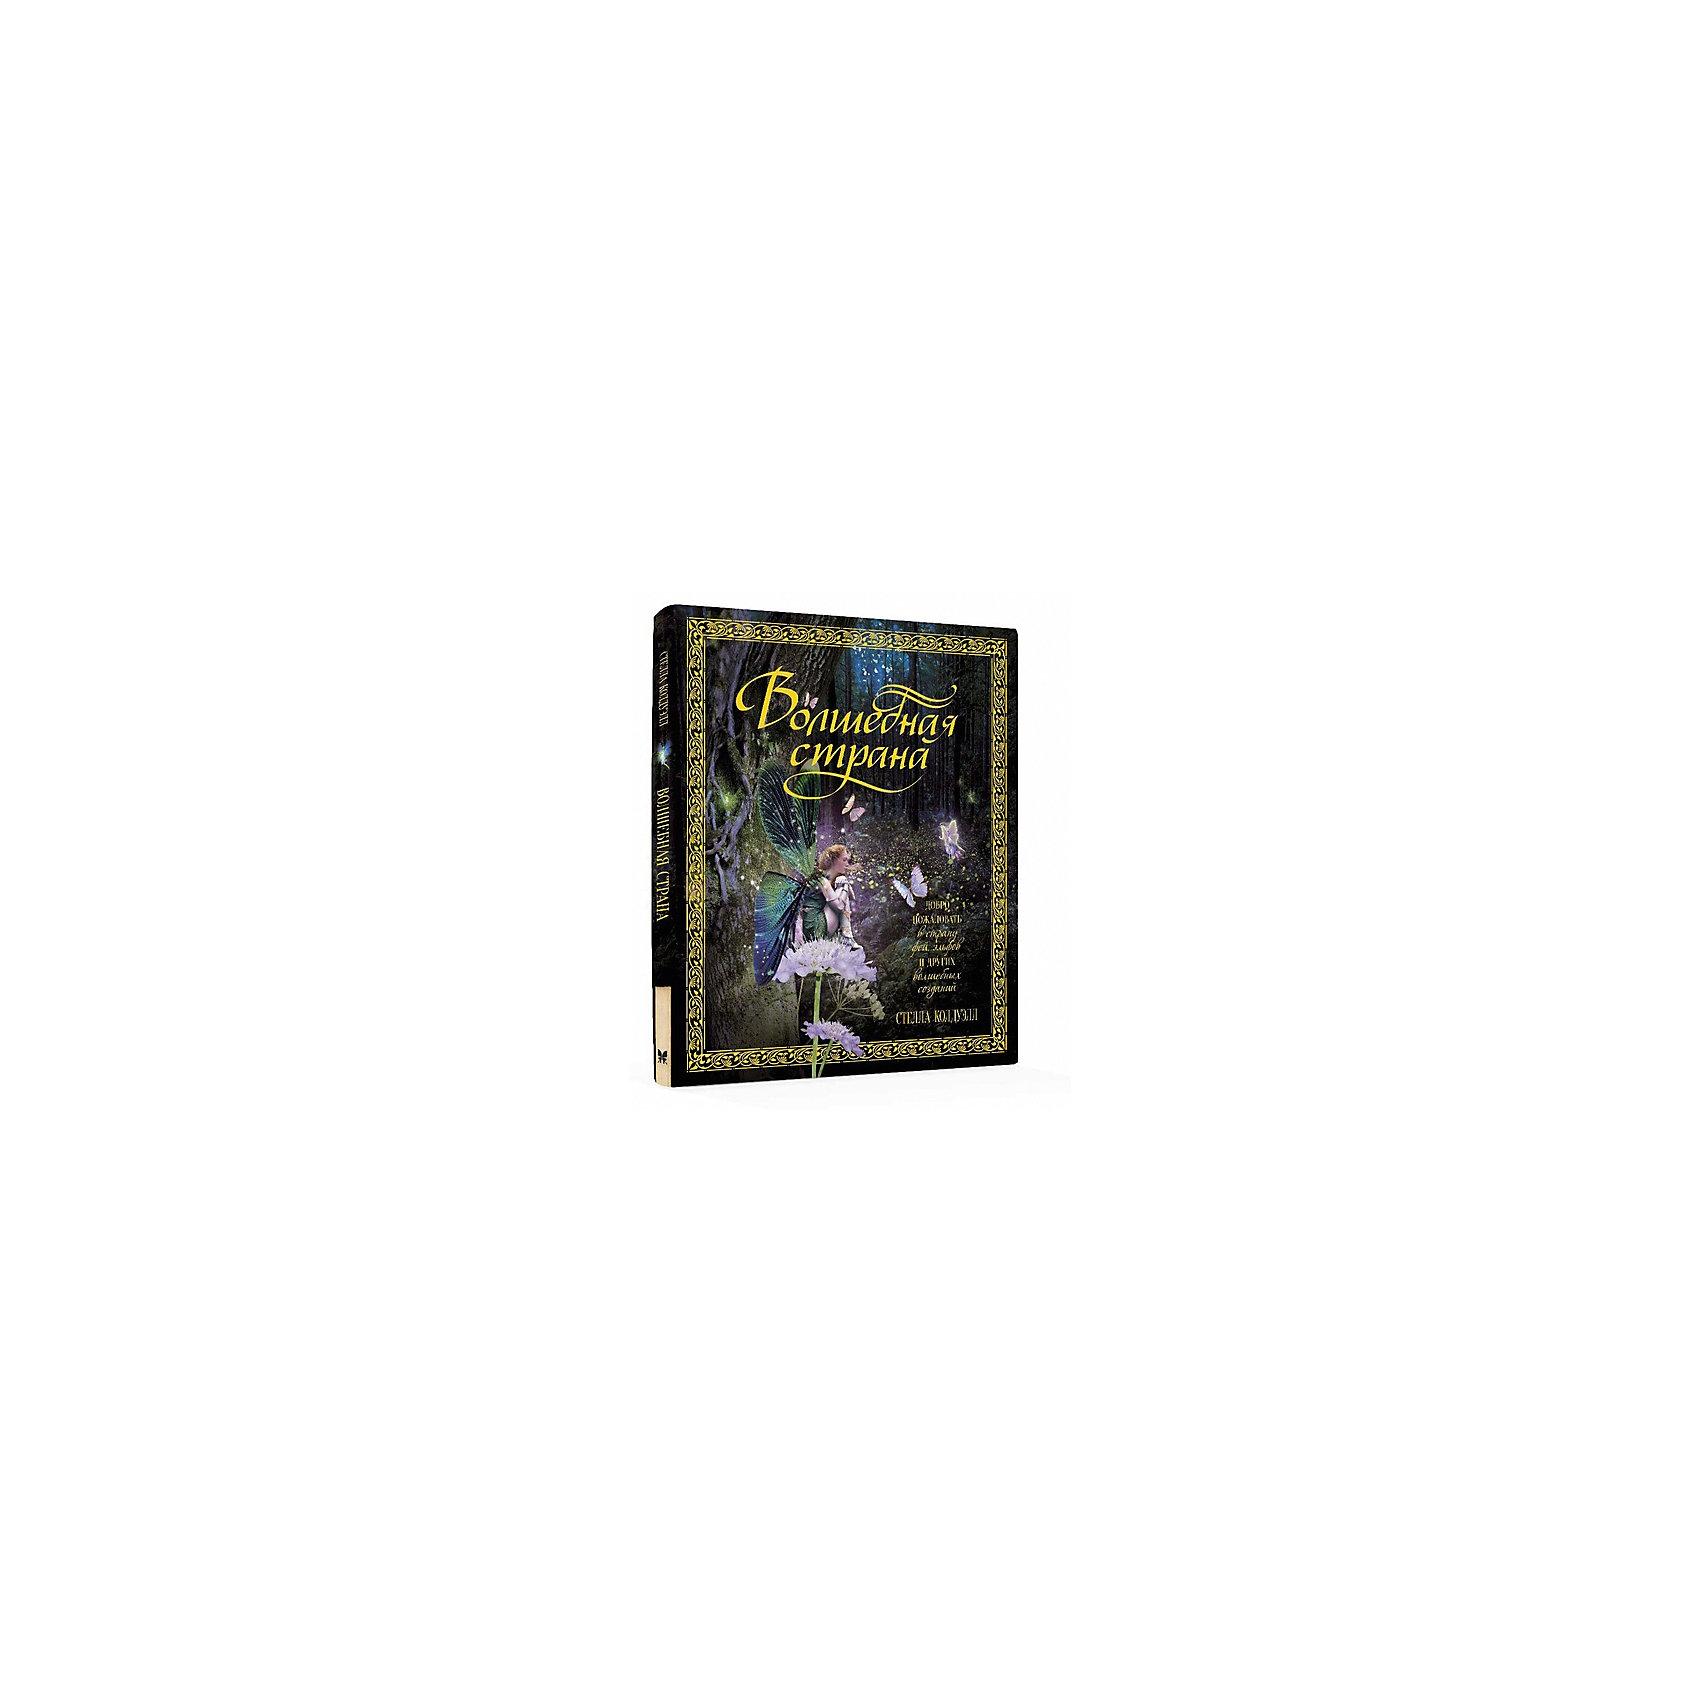 Волшебная страна, MACHAONКниги для мальчиков<br>Книга Волшебная страна.<br><br>Характеристики:<br><br>• Автор: Стелла Колдуэлл<br>• Переводчик: Т. Покидаева<br>• Издательство: Махаон, 2016 г.<br>• Серия: Тайны и сокровища<br>• Тип обложки: твердый переплет, суперобложка<br>• Иллюстрации: цветные<br>• Количество страниц: 80<br>• Размер: 305x270х12 мм.<br>• Вес: 903 гр.<br>• ISBN: 9785389116351<br><br>Стелла Колдуэлл – почетный профессор Королевского института исследования волшебных существ, и известный во всем мире специалист по обитателям волшебной страны. Она много путешествует, собирая сведения о чудесных и необычных происшествиях, встречаясь с разными людьми и выступая с лекциями. В этой книге собраны выдержки из научных трудов профессора Колдуэлл, отрывки из ее дневников и рассказы о ее встречах с обитателями волшебной страны. Фотографии чудесных предметов из коллекции Колдуэлл доказывают, что волшебная страна существует и открывается всякому, кто в нее верит.<br><br>Книгу Волшебная страна можно купить в нашем интернет-магазине.<br><br>Ширина мм: 305<br>Глубина мм: 270<br>Высота мм: 120<br>Вес г: 903<br>Возраст от месяцев: 132<br>Возраст до месяцев: 168<br>Пол: Унисекс<br>Возраст: Детский<br>SKU: 5493497